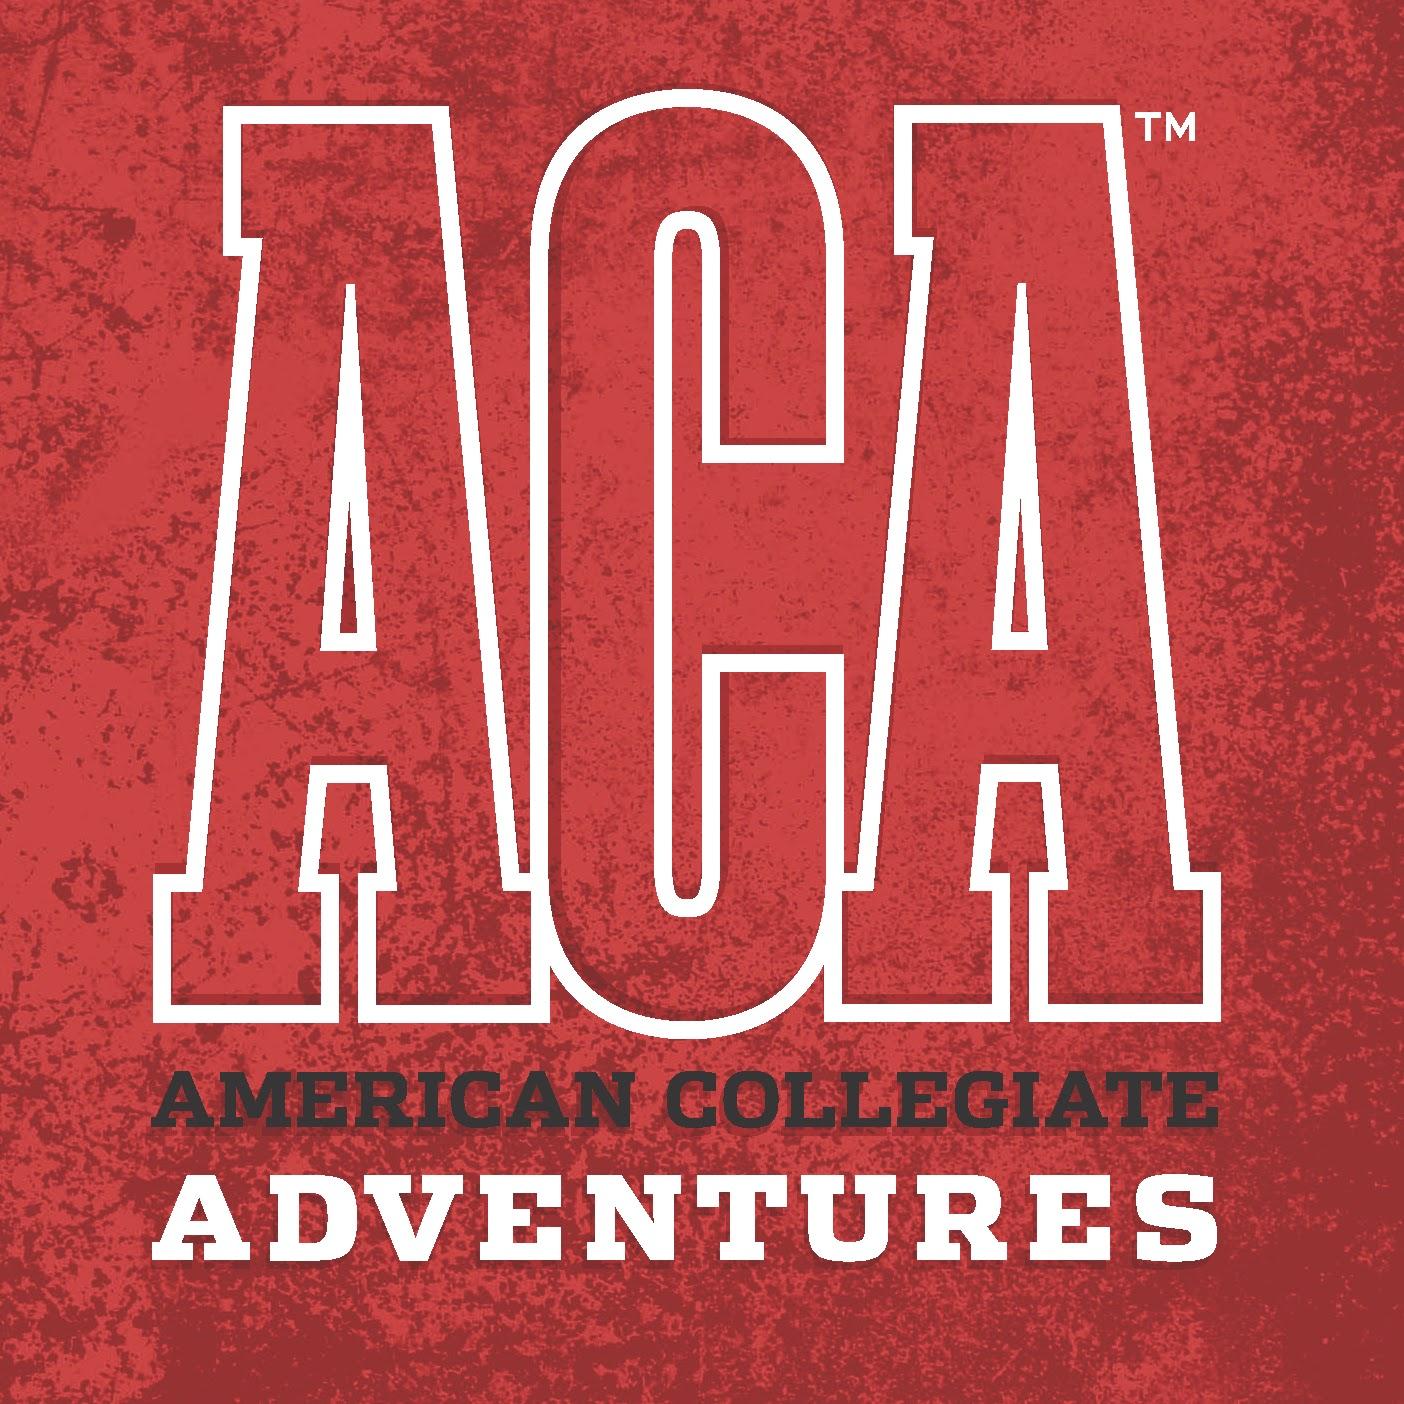 American Collegiate Adventures Summer